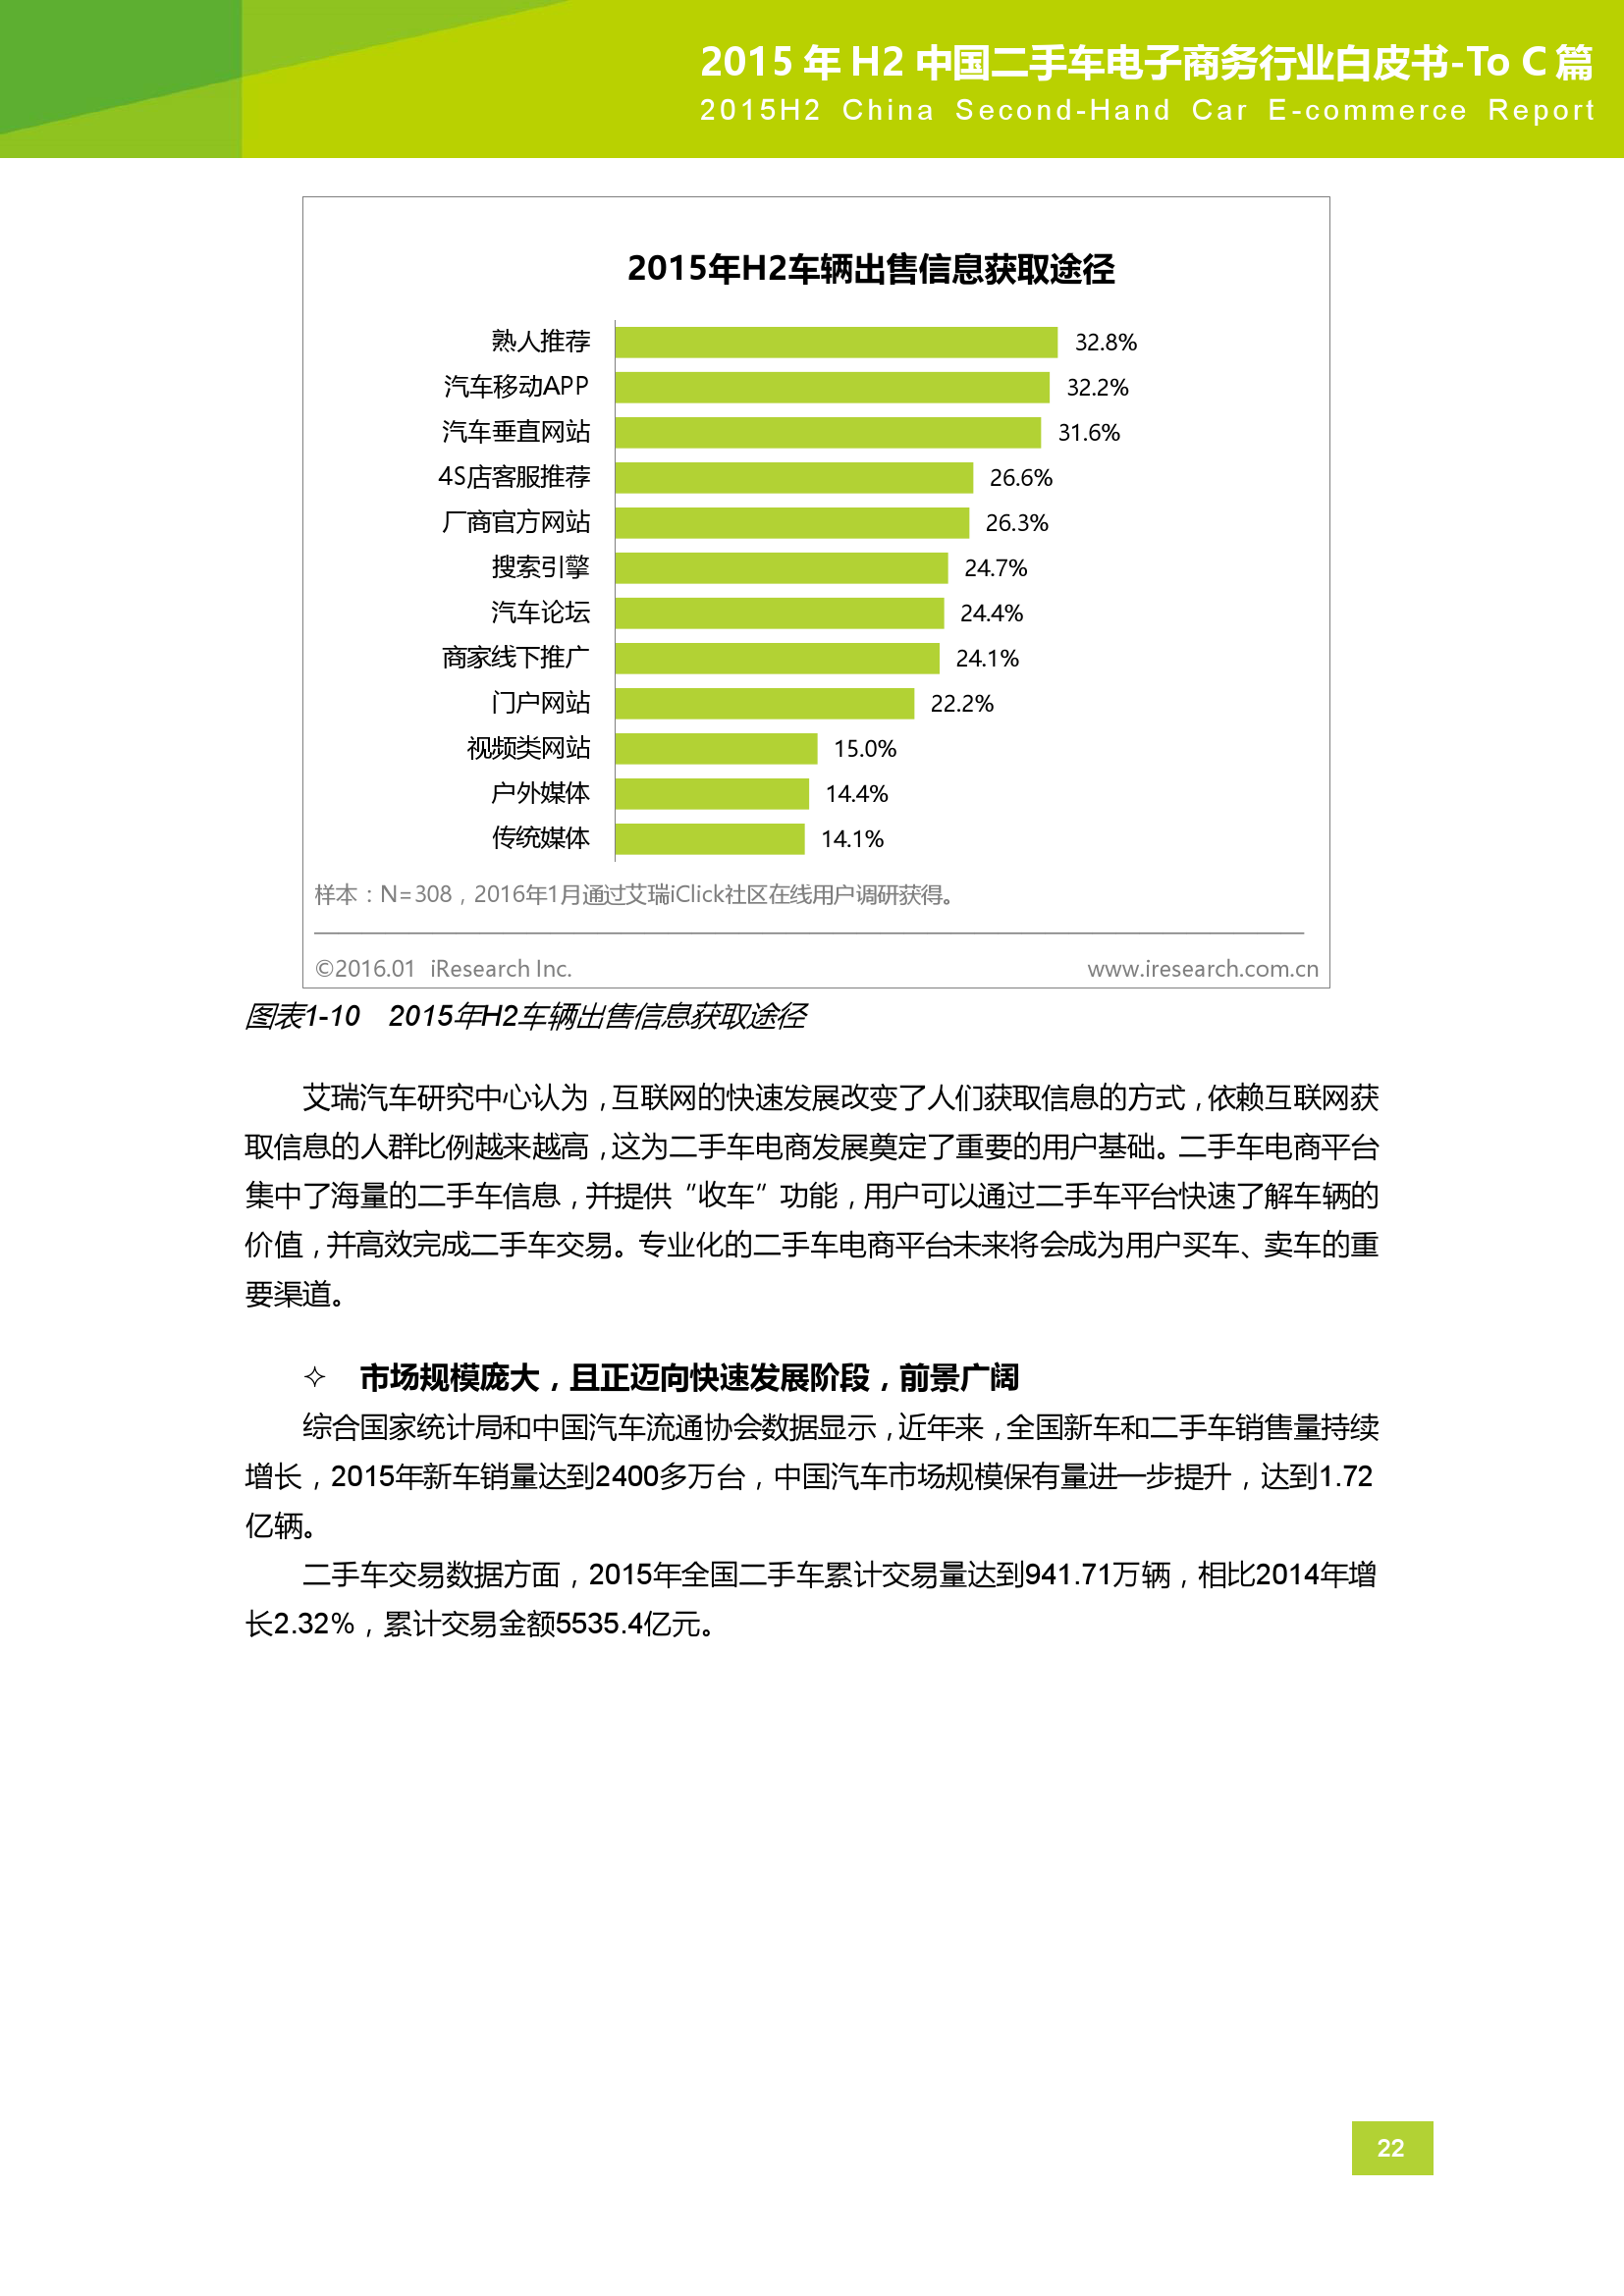 2015年H2中国二手车电子商务行业白皮书_000022